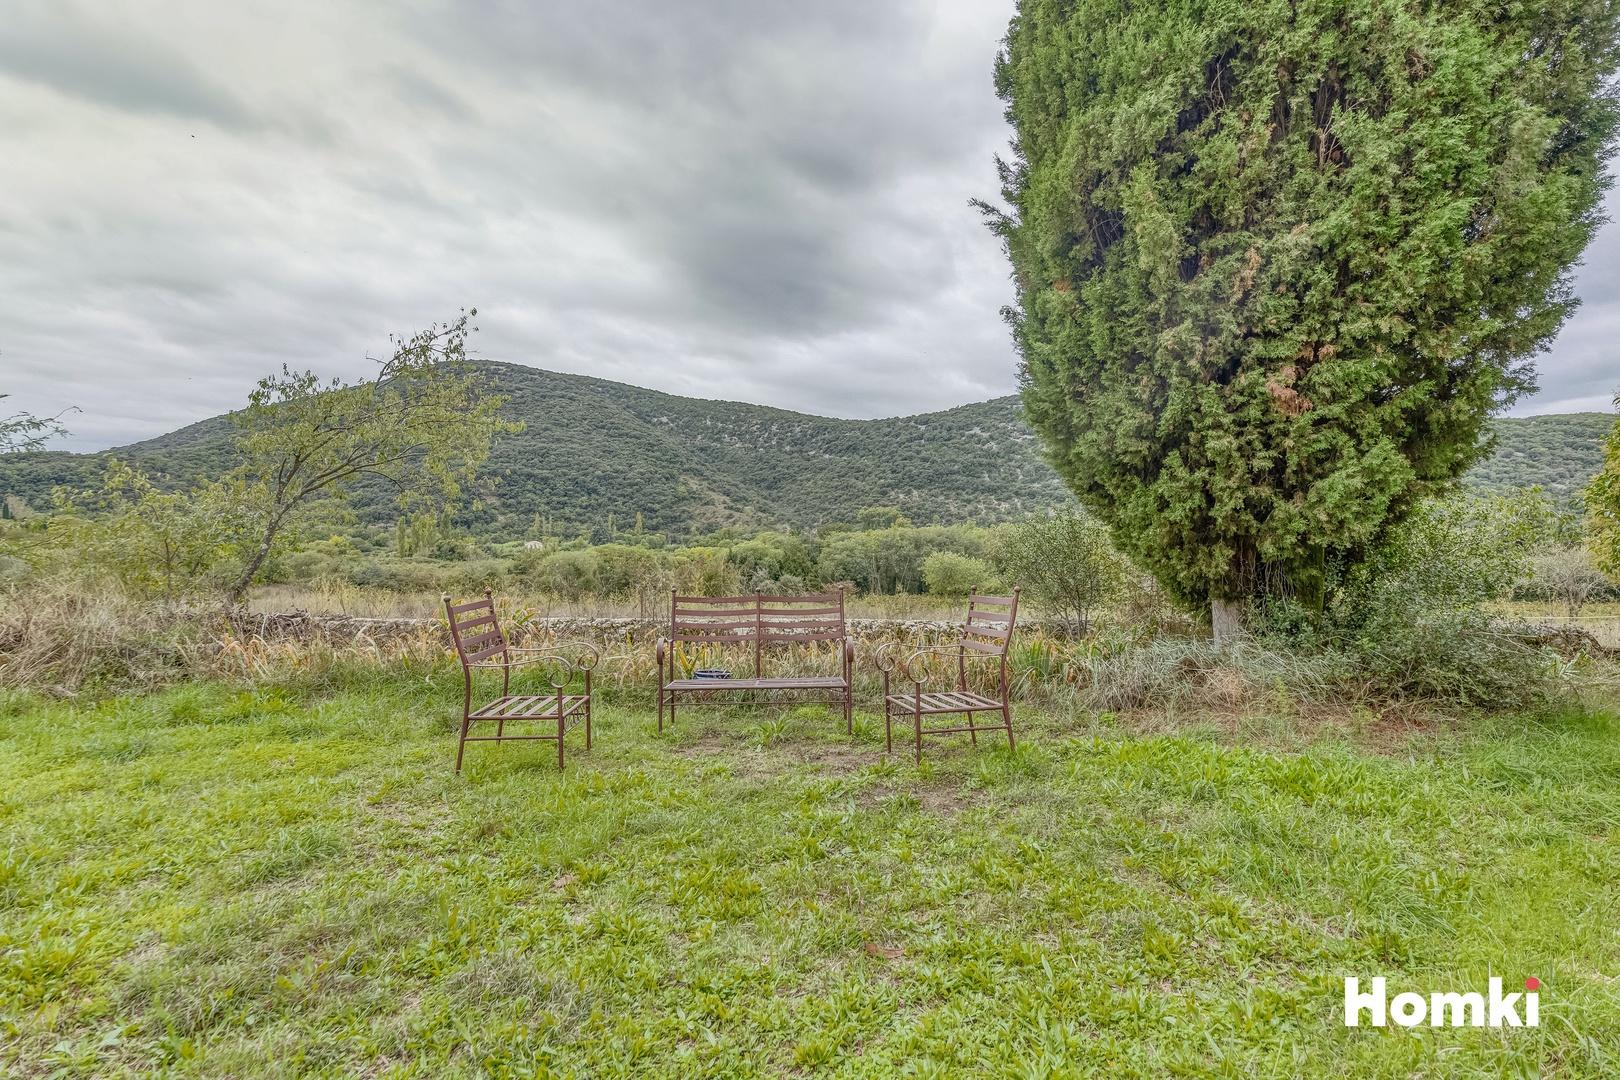 Homki - Vente Maison/villa  de 560.0 m² à Quissac 30260